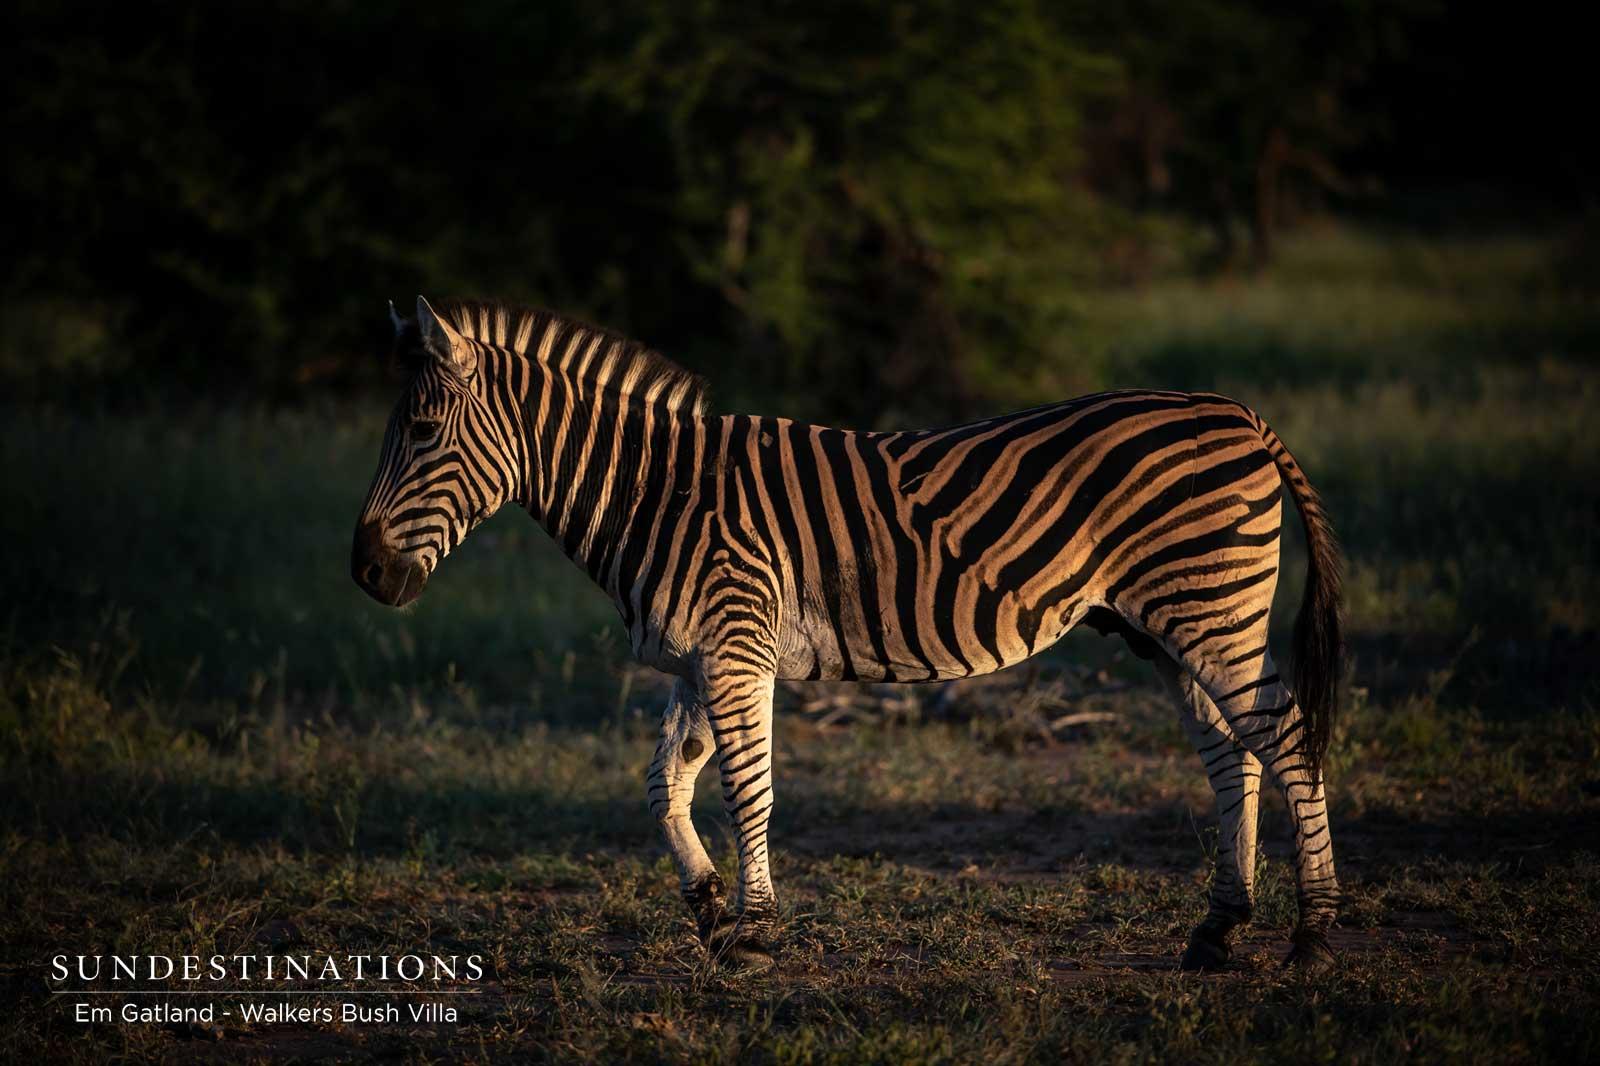 Zebra at Walkers Bush Villa